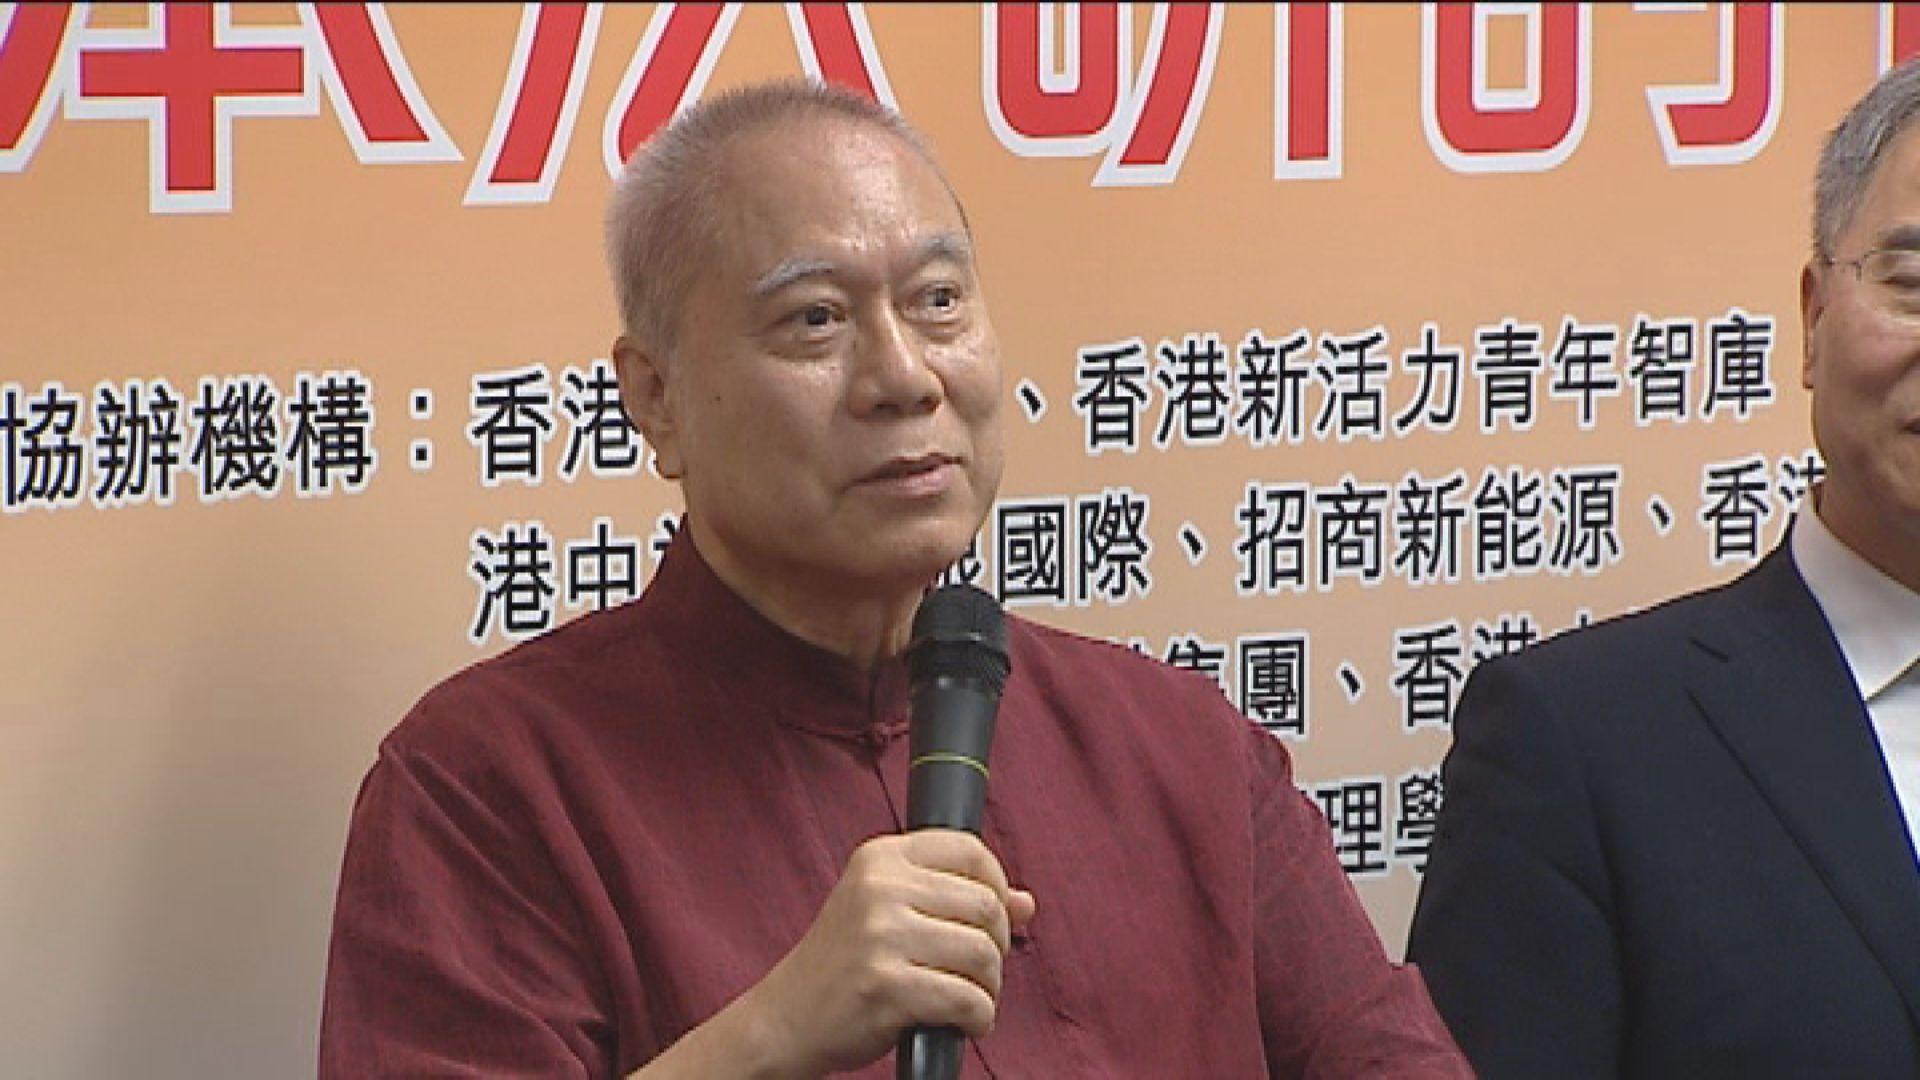 基本法委員會委員劉迺強去世